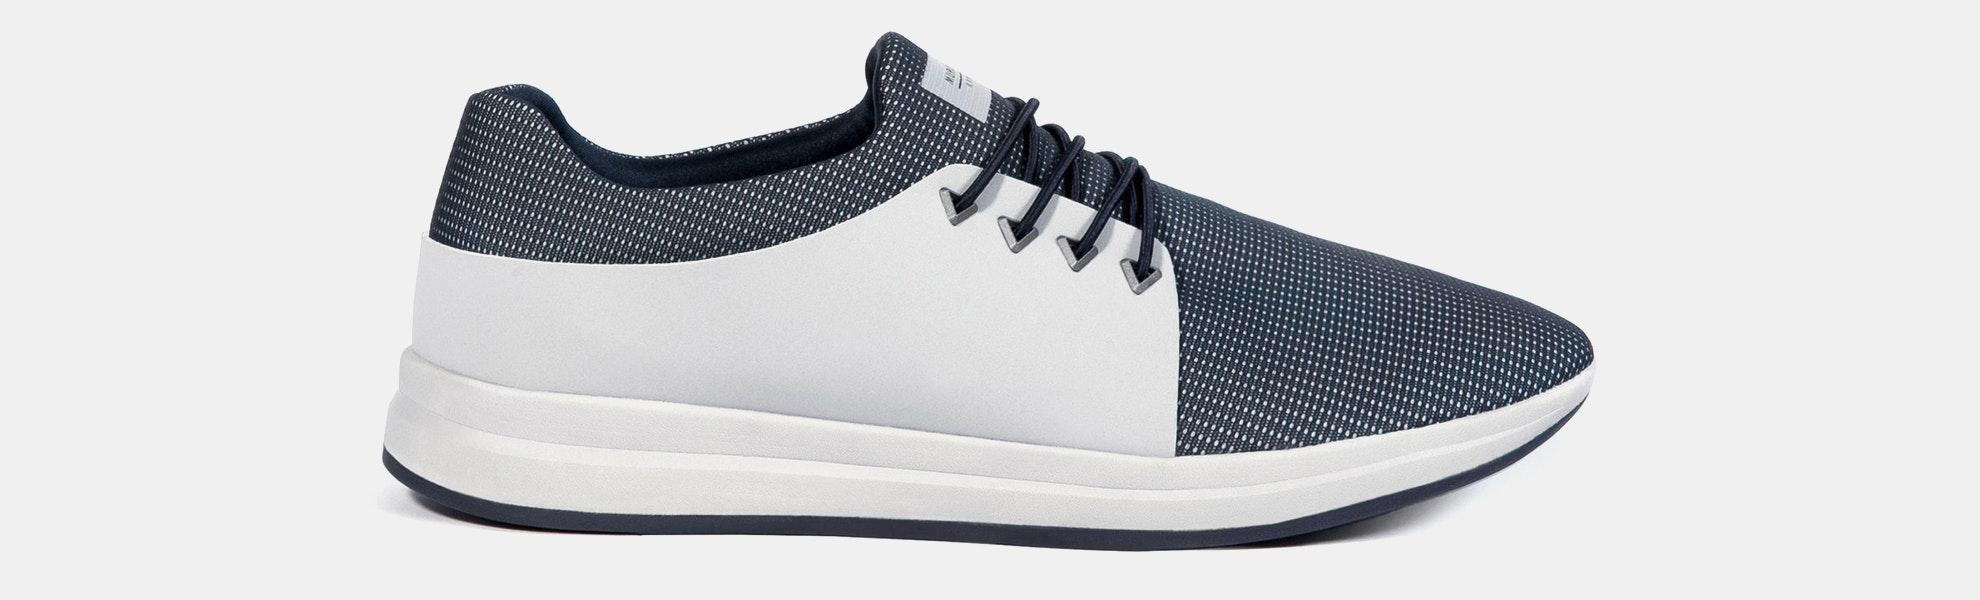 Muroexe Army Sneakers